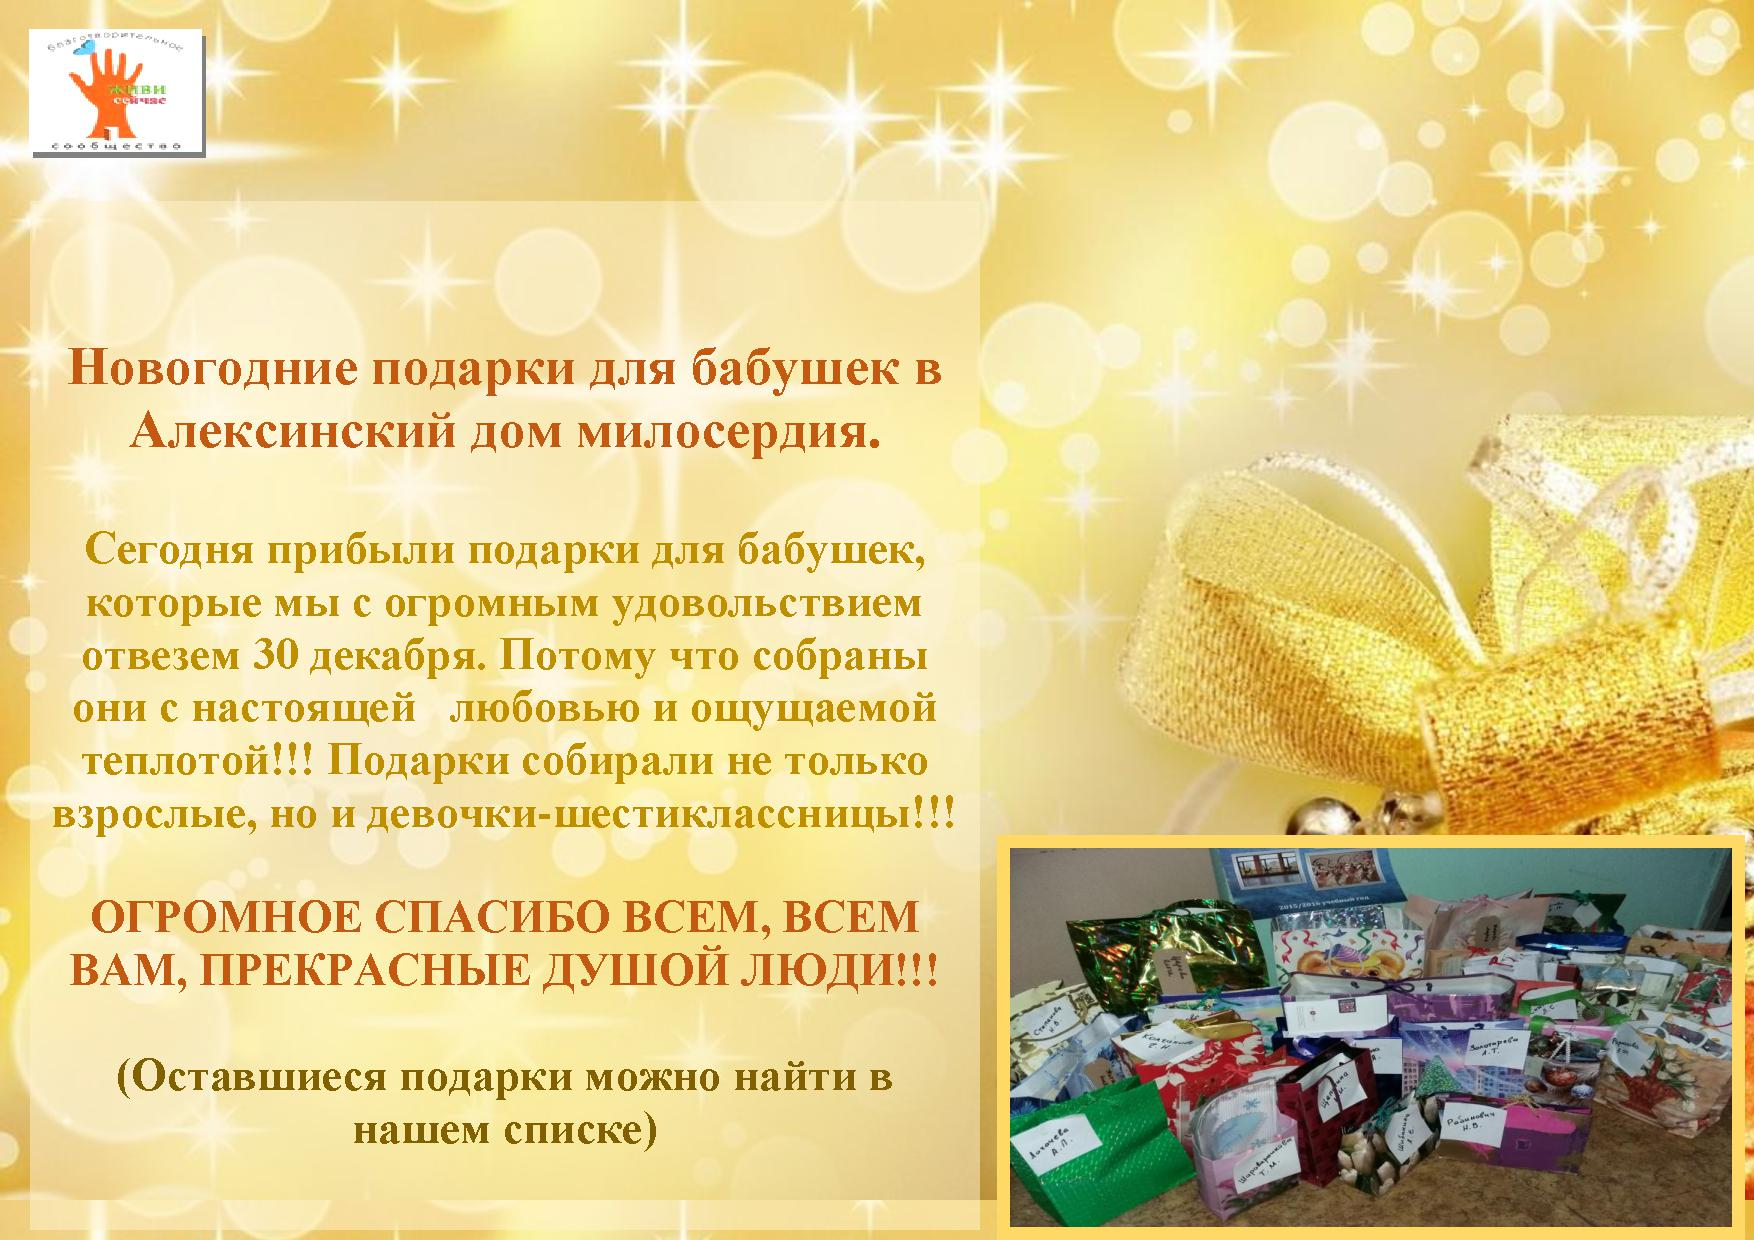 анонс подарки